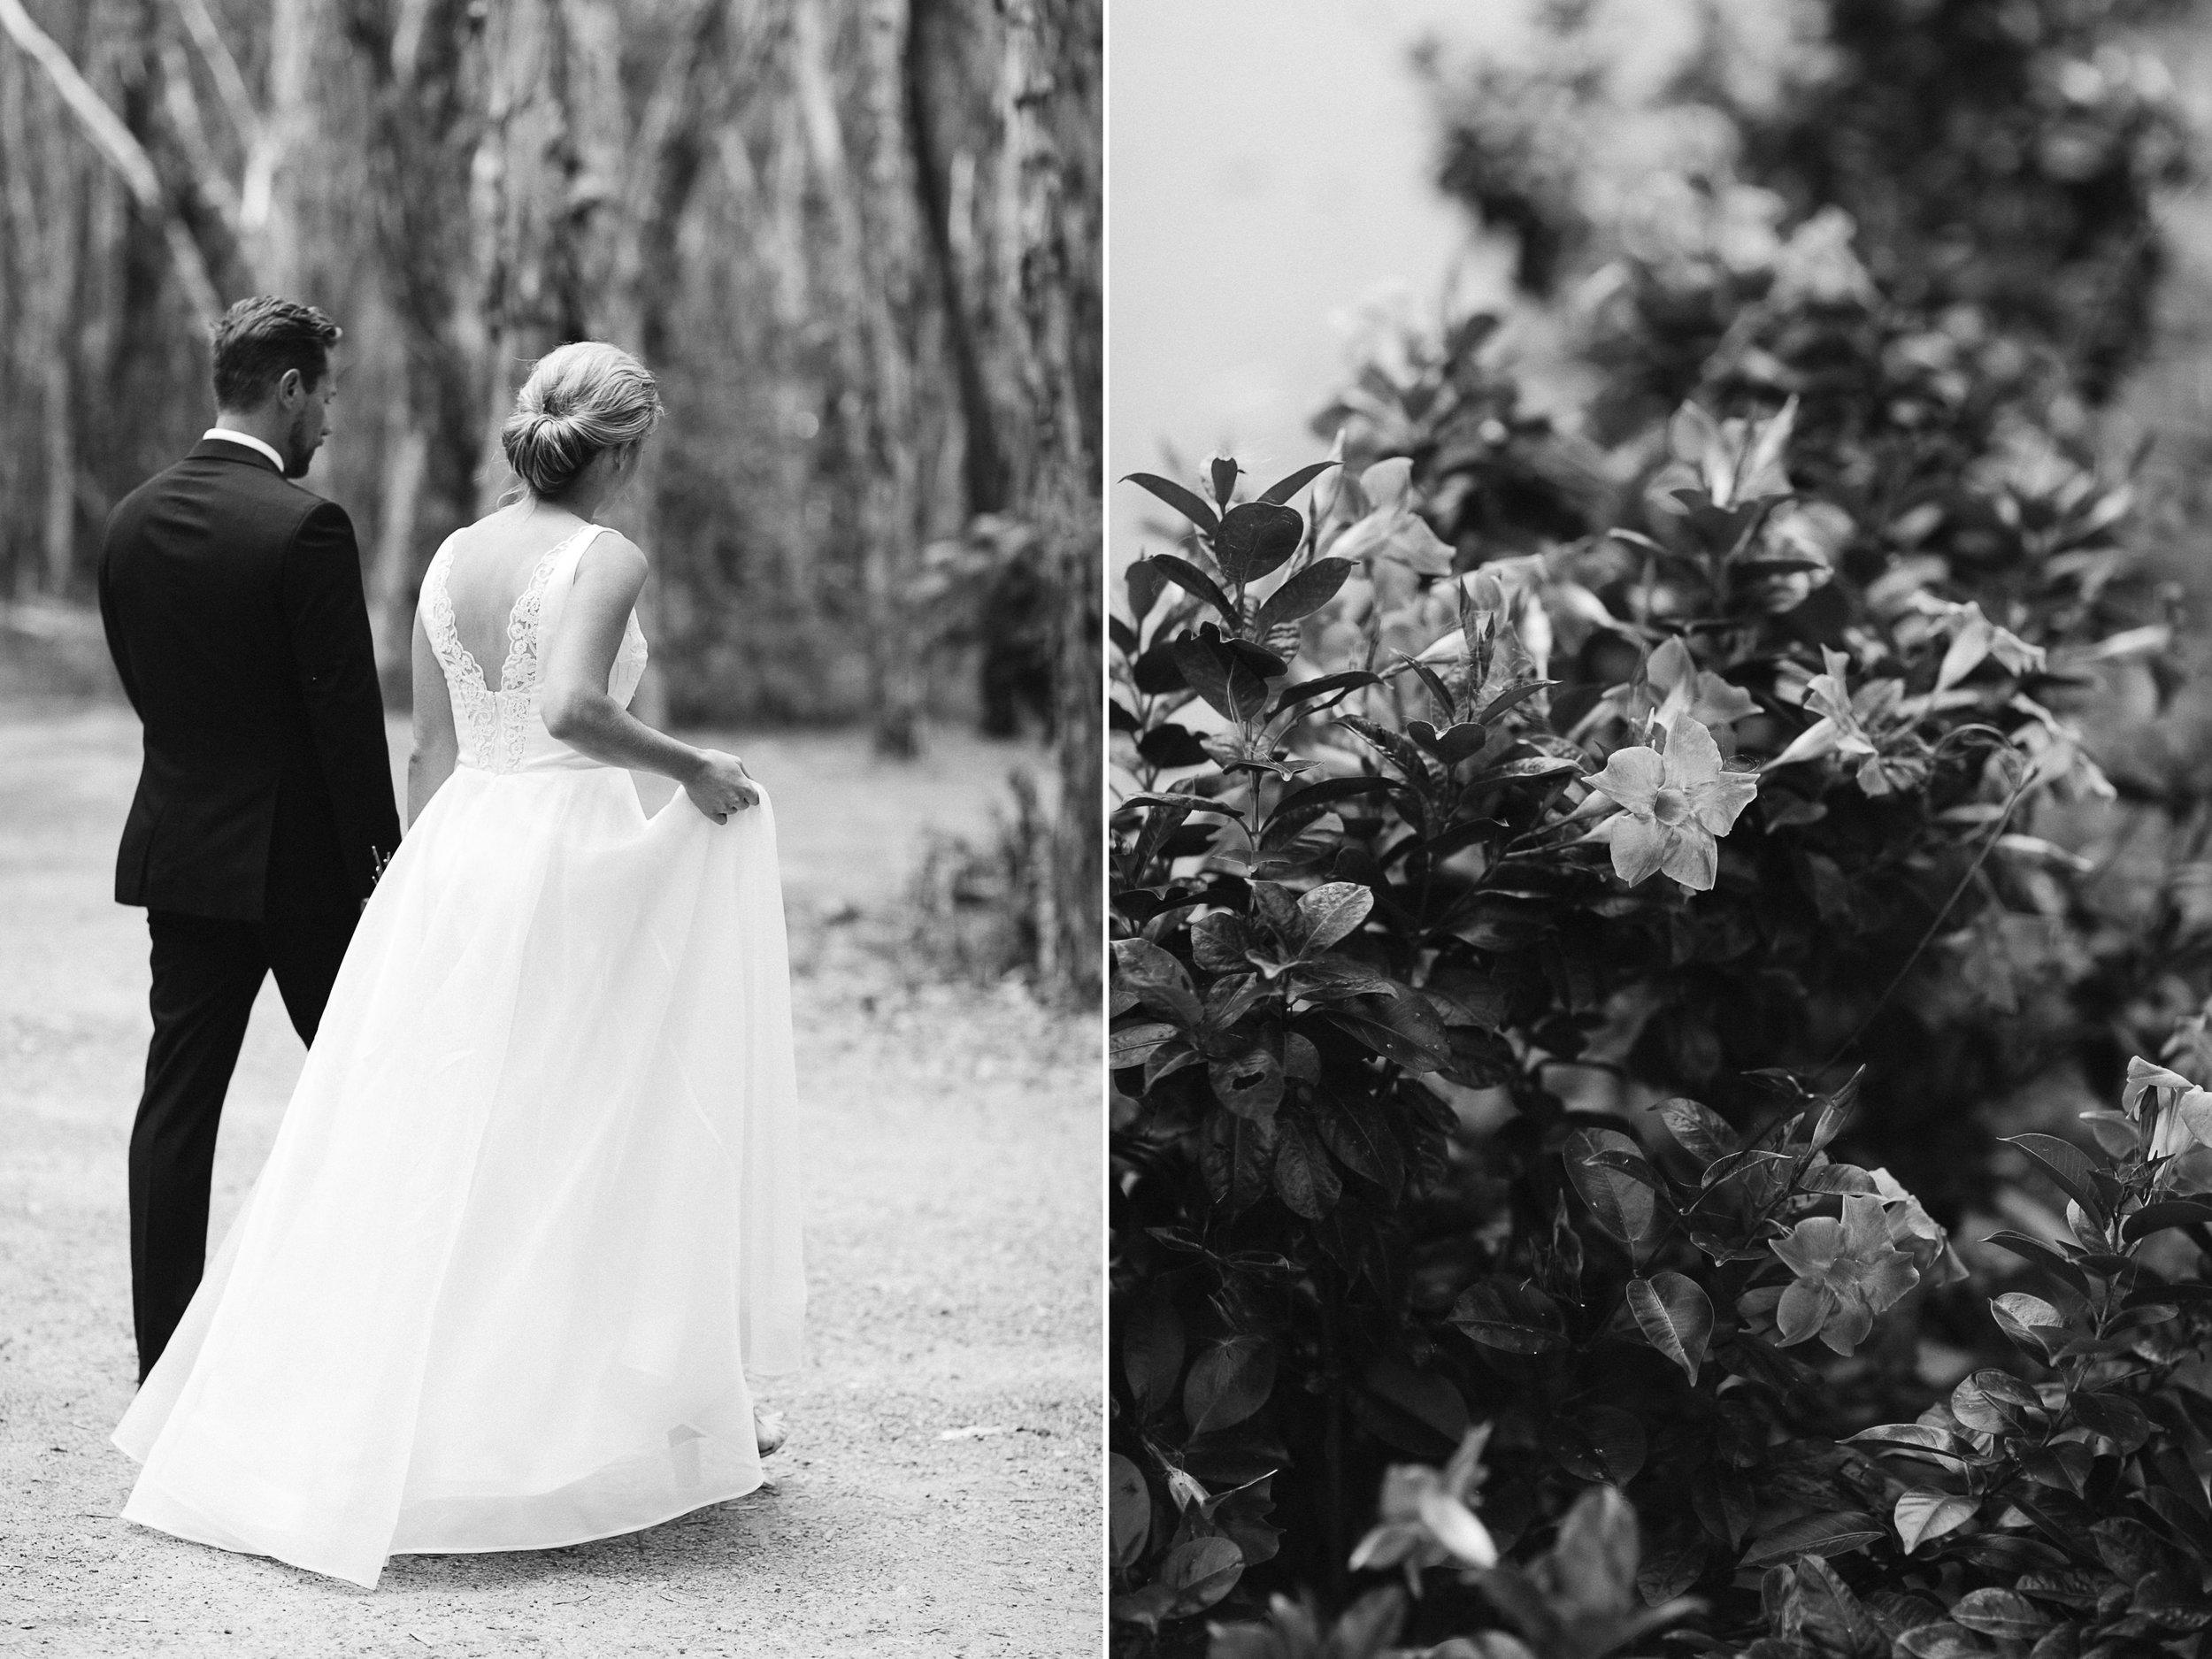 wedding-photography-brisbane-sandstone-point-hotel-bribie-island-21.jpg